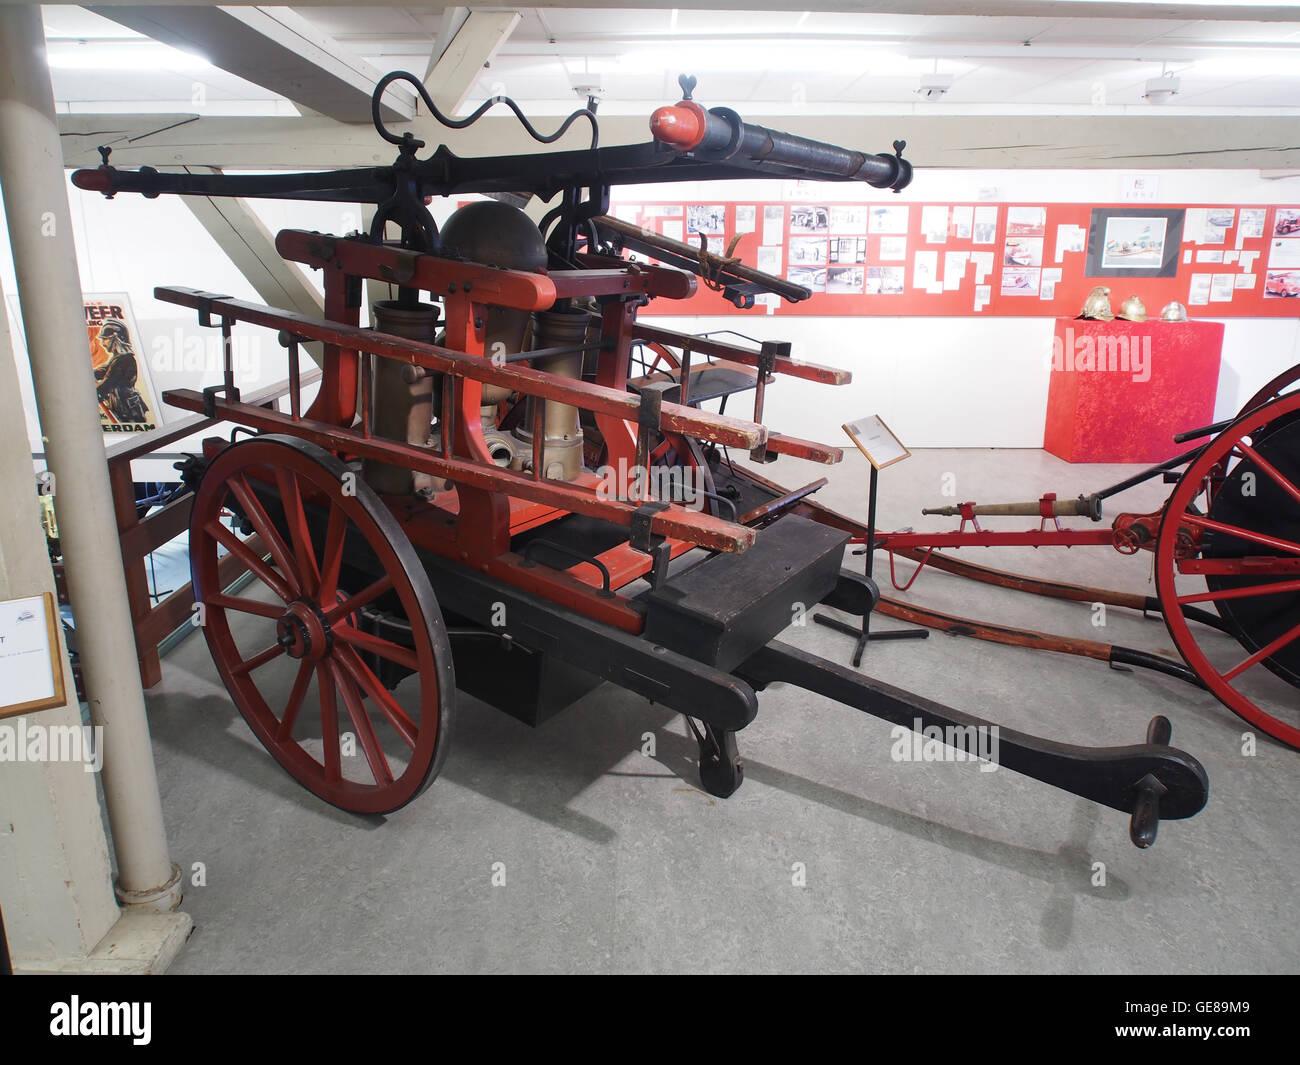 1870 Koninklijke Brandspuitenfabriek Belder & Co Handbrandspuit-001 - Stock Image